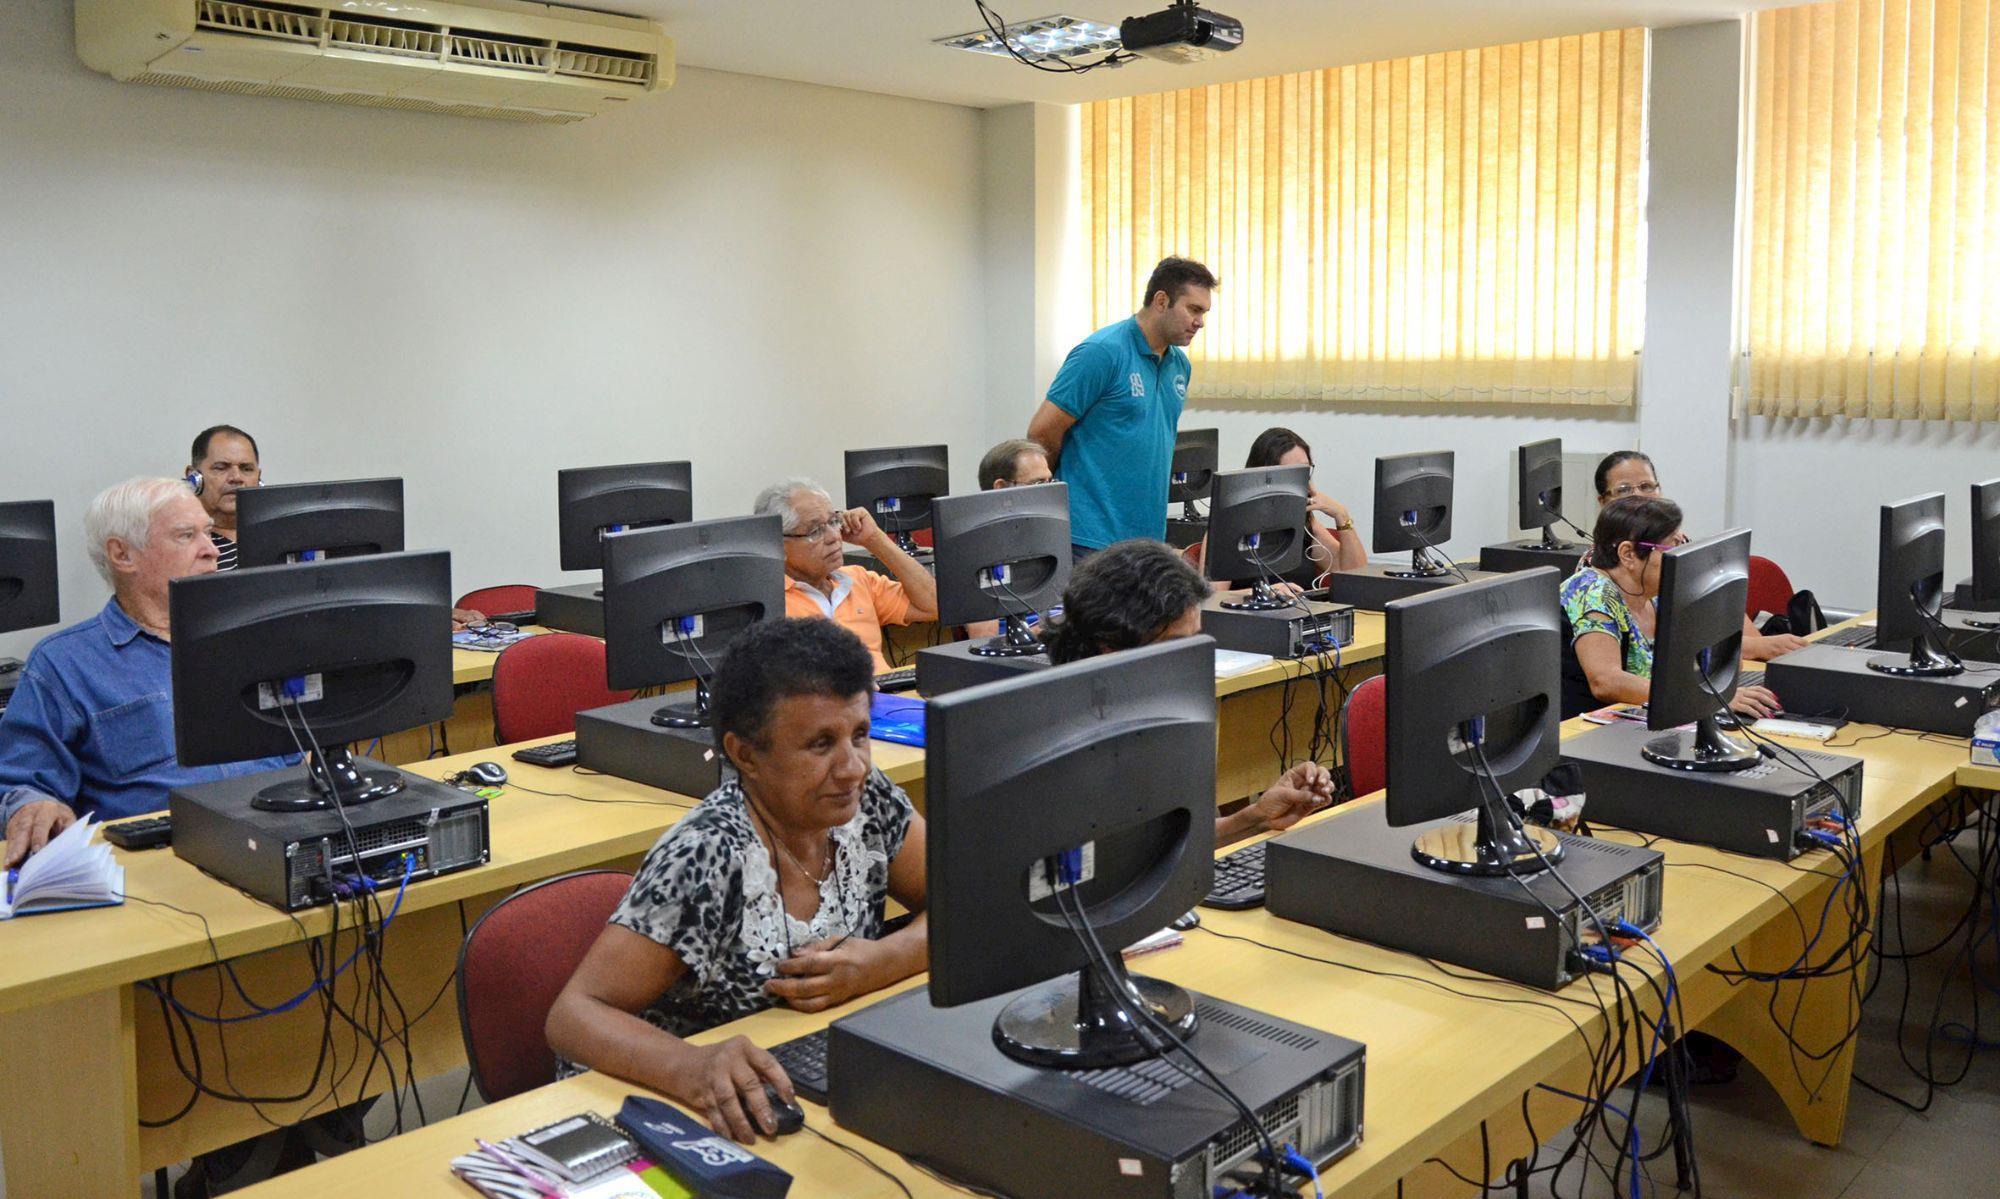 curso, internet, informática, smetal, terceira, idoso, , Gabriela Guedes/Arquivo Imprensa SMetal